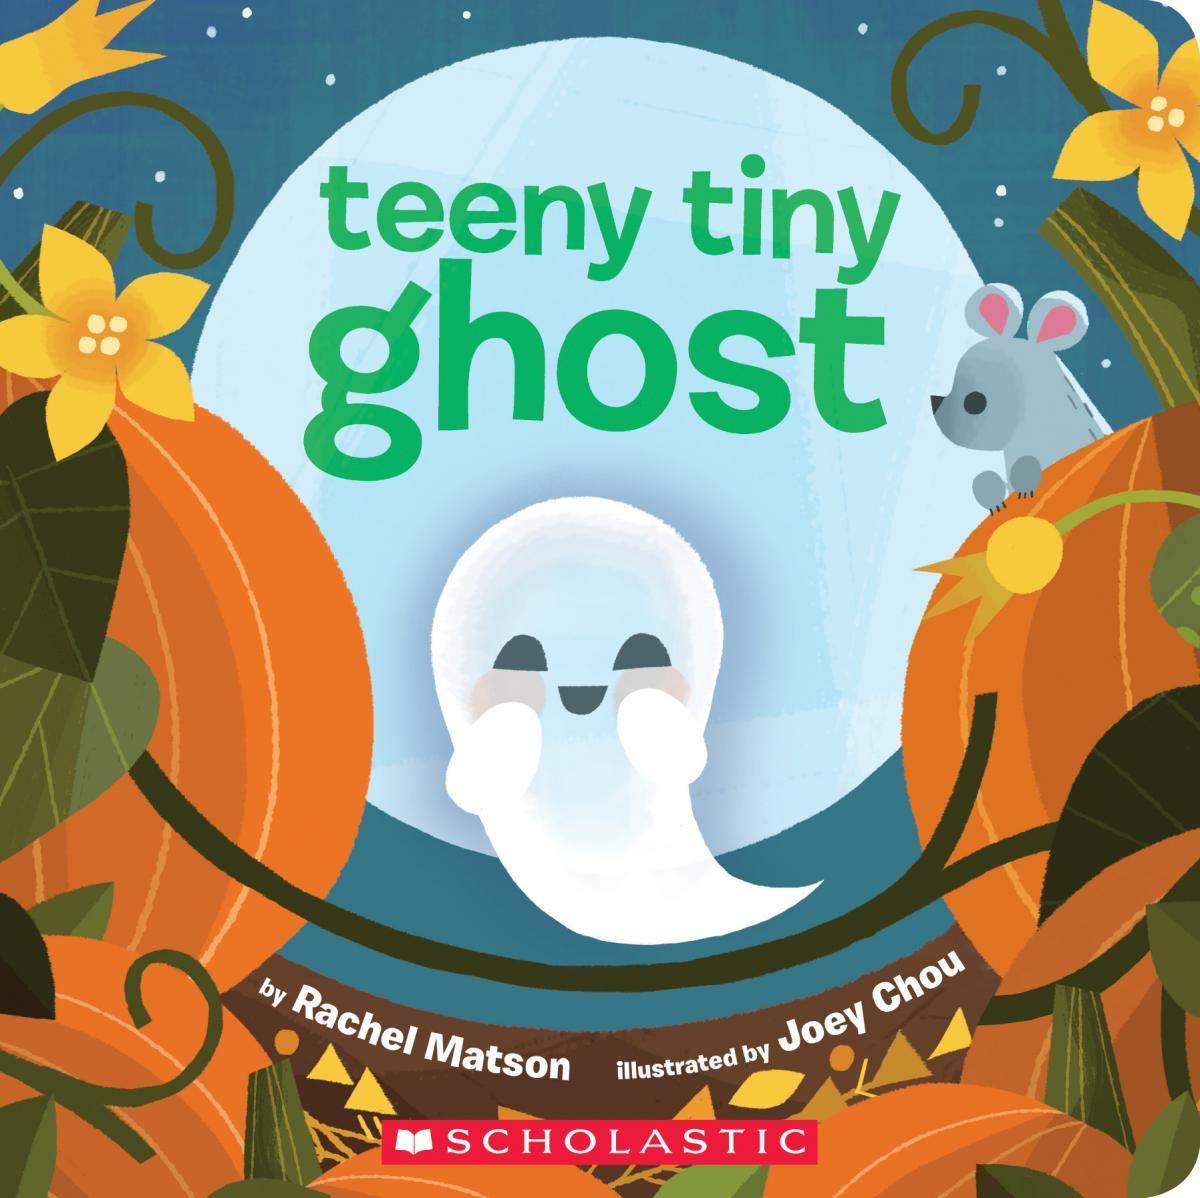 Teeny Tiny Ghost: Amazon co uk: Rachel Matson, Joey Chou: Books